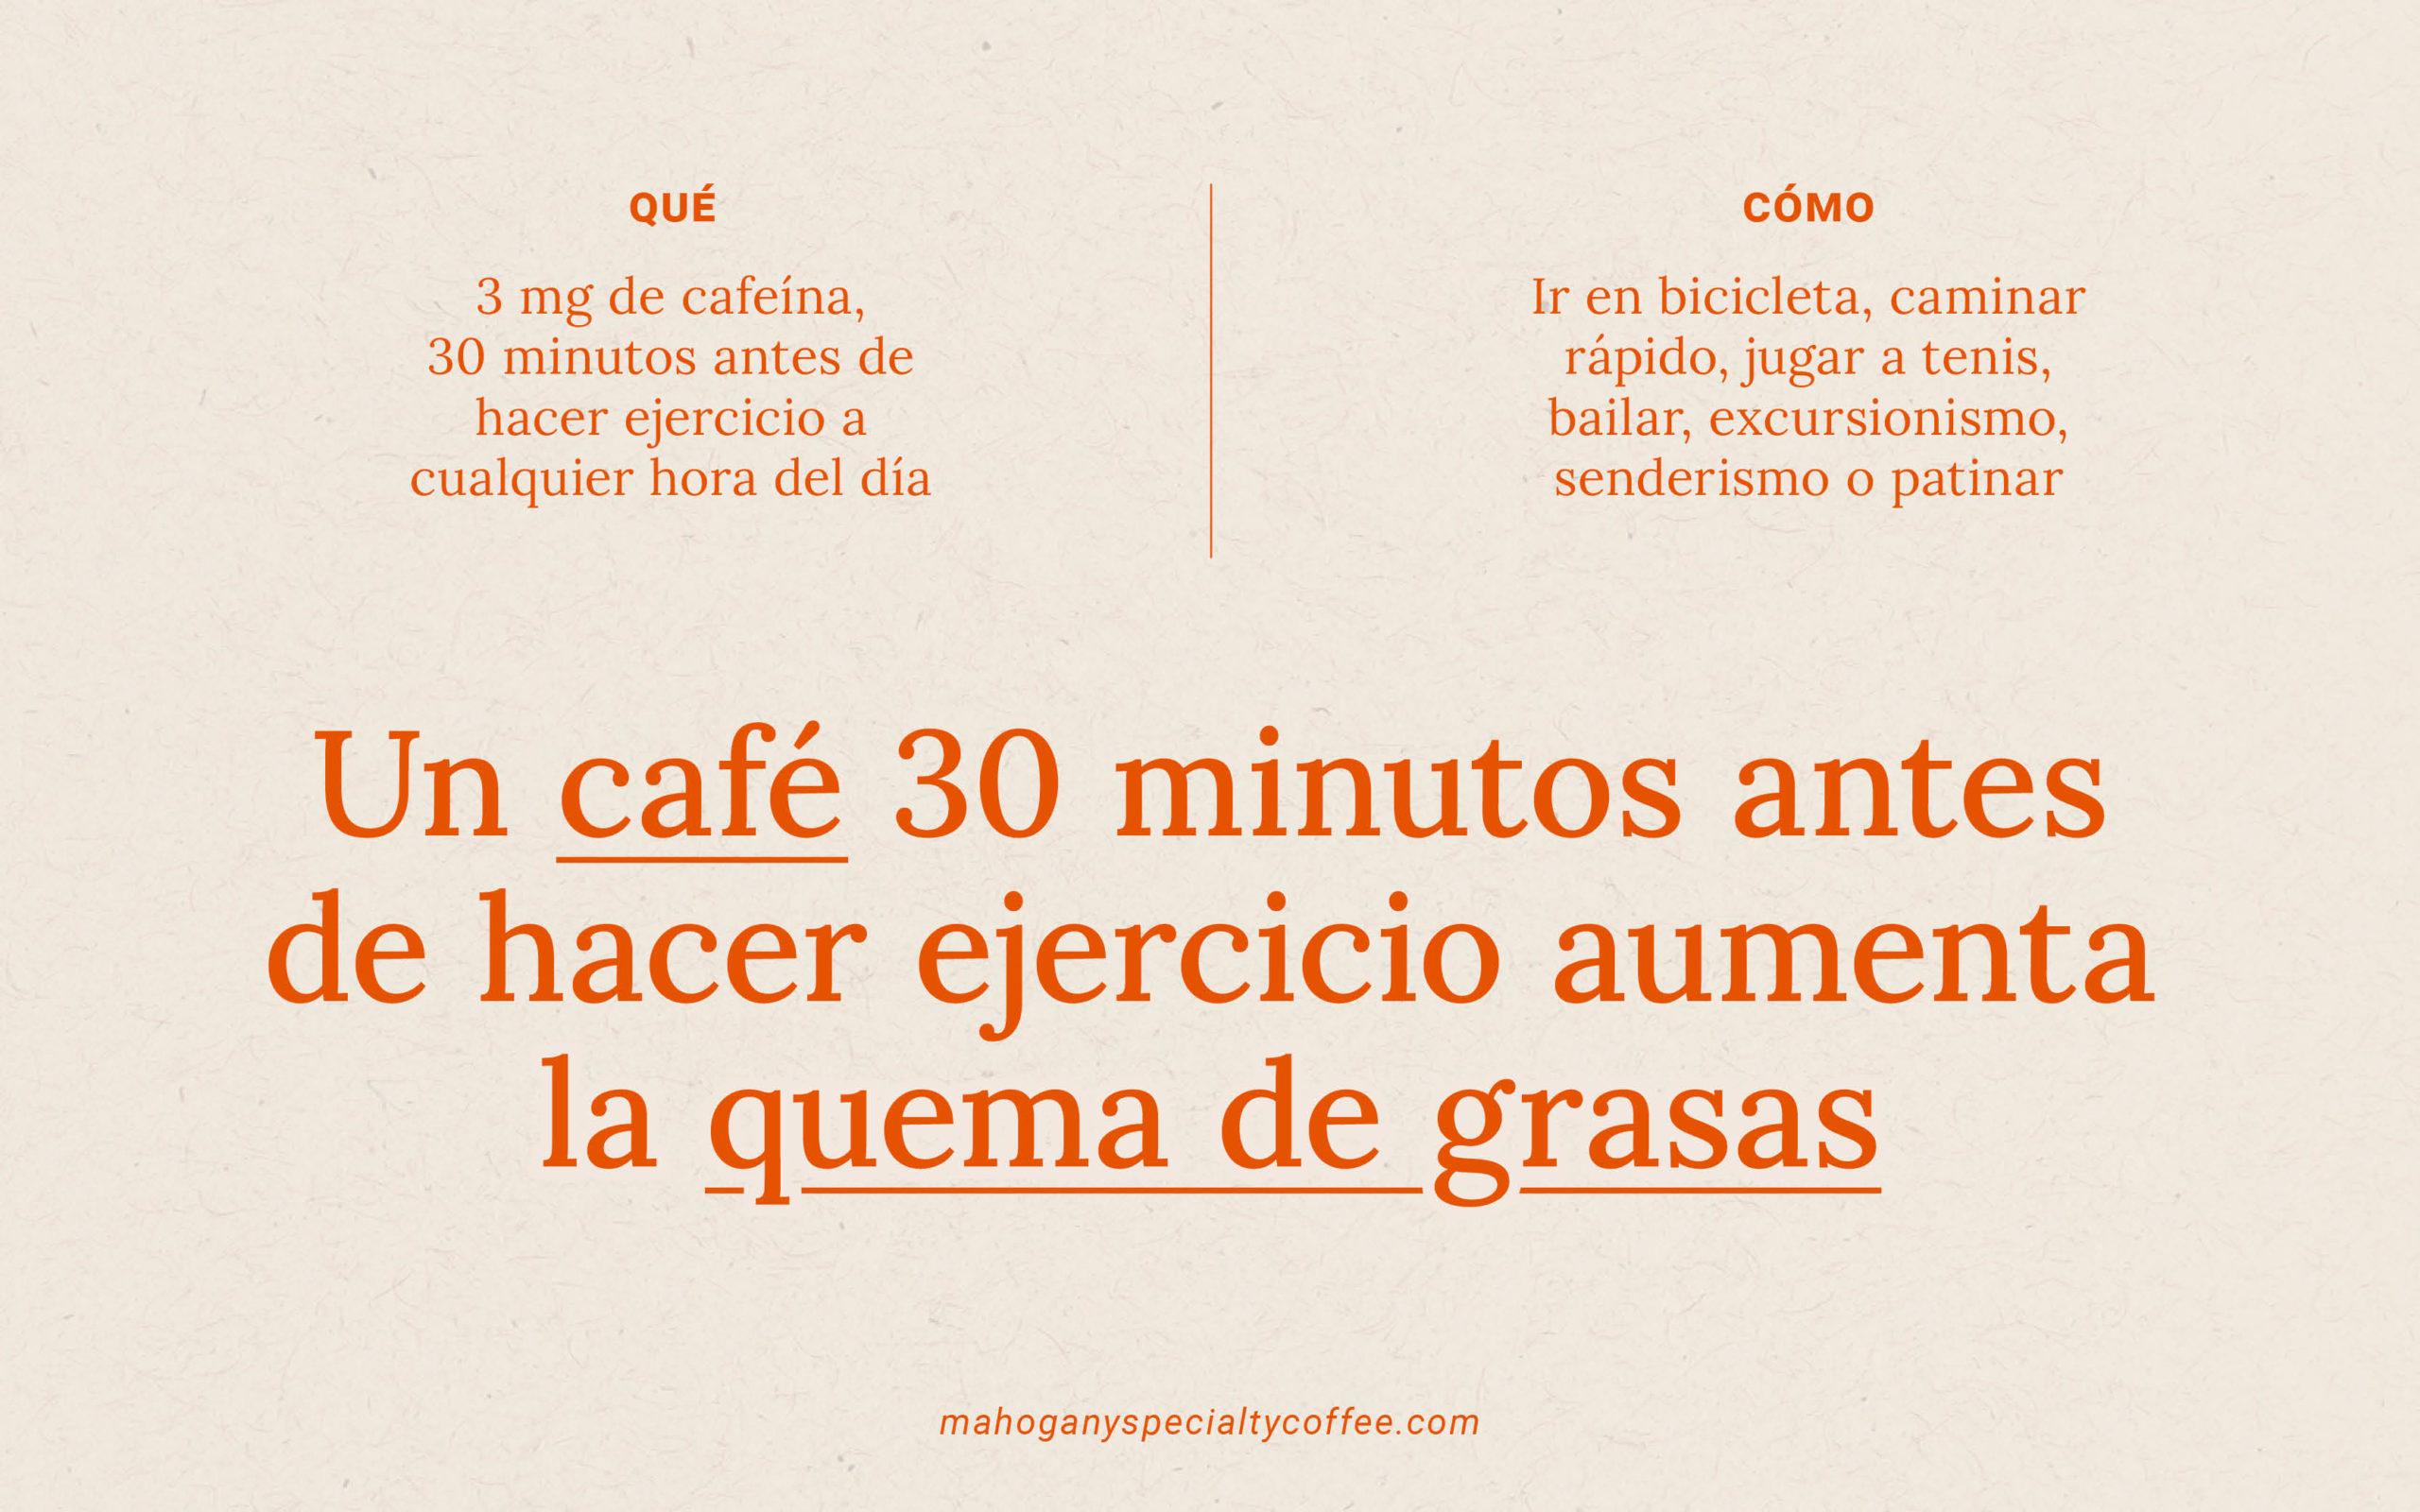 Esquema visual de cómo un café 30 minutos antes de hacer ejercicio aumenta la quema de grasas